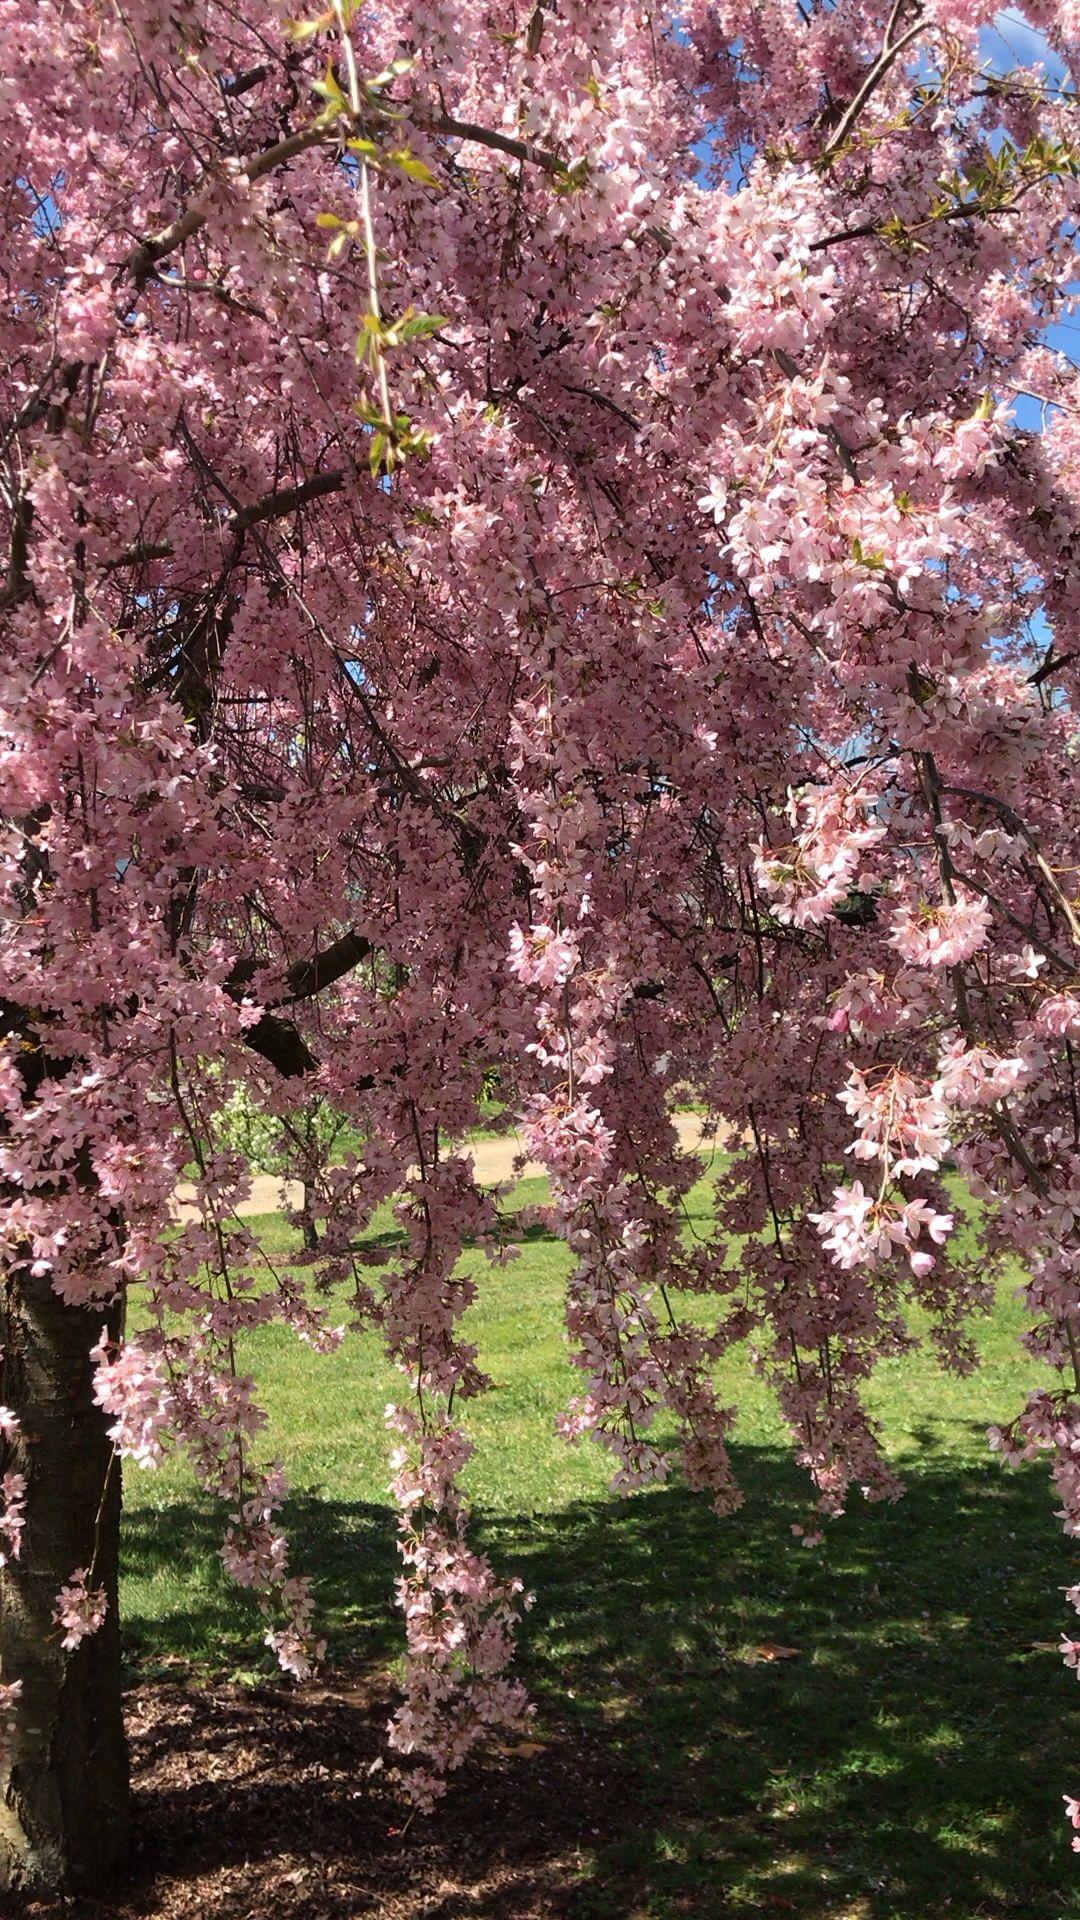 Cherry Blossoms Video Blossom Garden Blossom Trees Cherry Blossom Tree